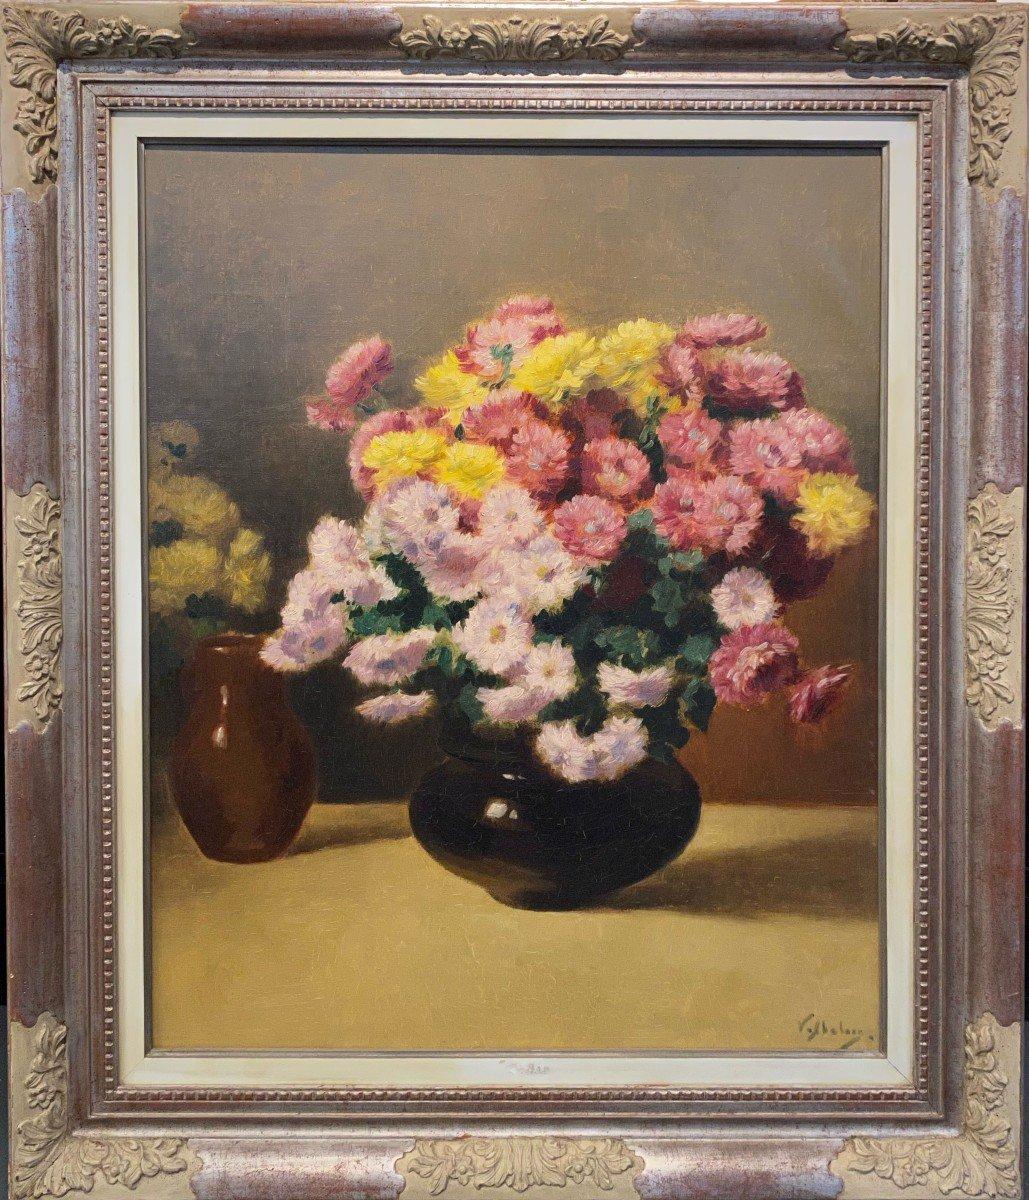 Victor Abeloos (saint-gilles 1881 - Ixelles 1965) - Nature Morte Aux Fleurs